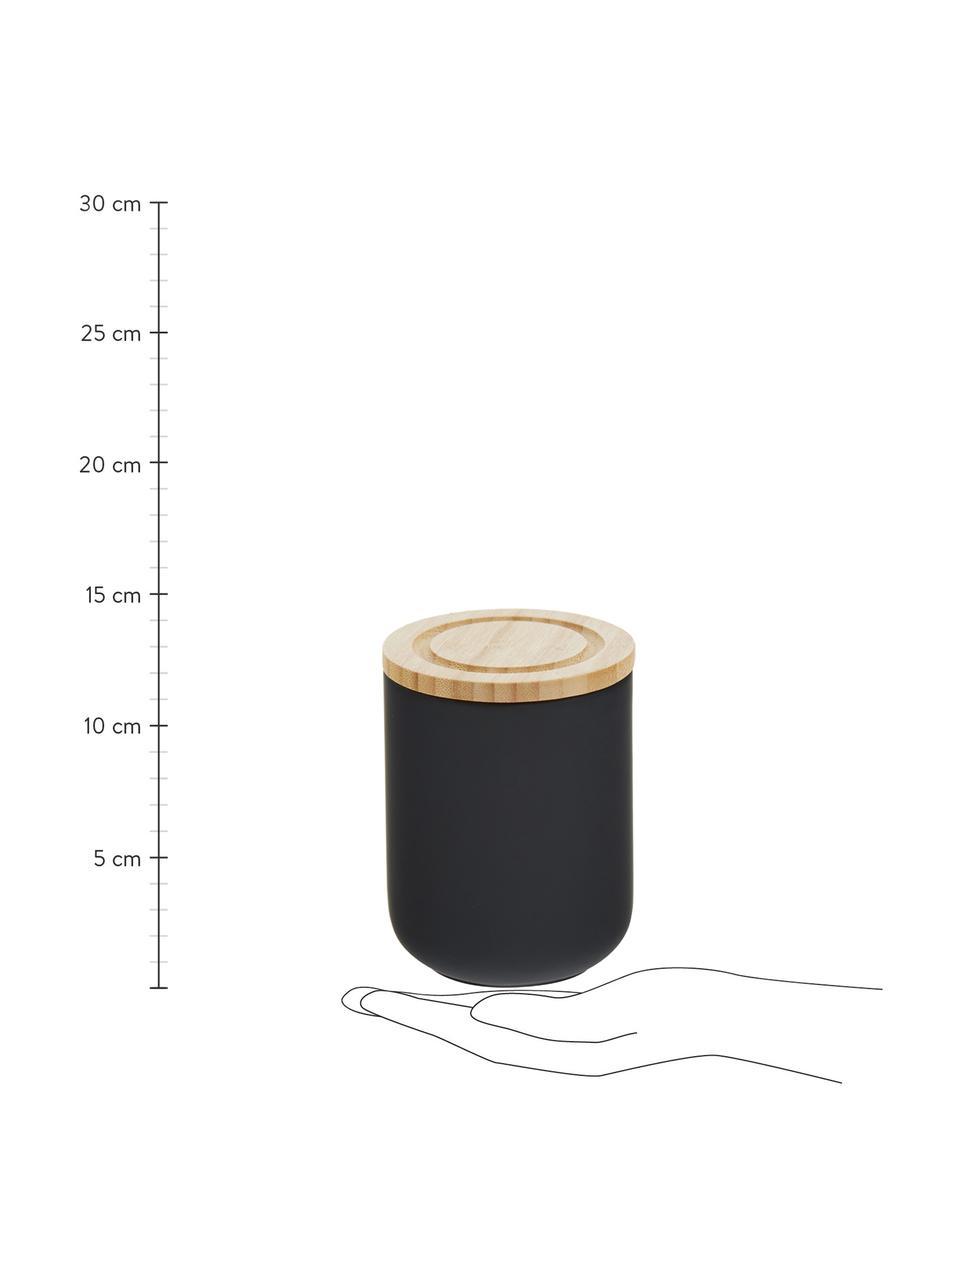 Pojemnik do przechowywania Stak, Czarny, drewno bambusowe, Ø 10 x W 13 cm